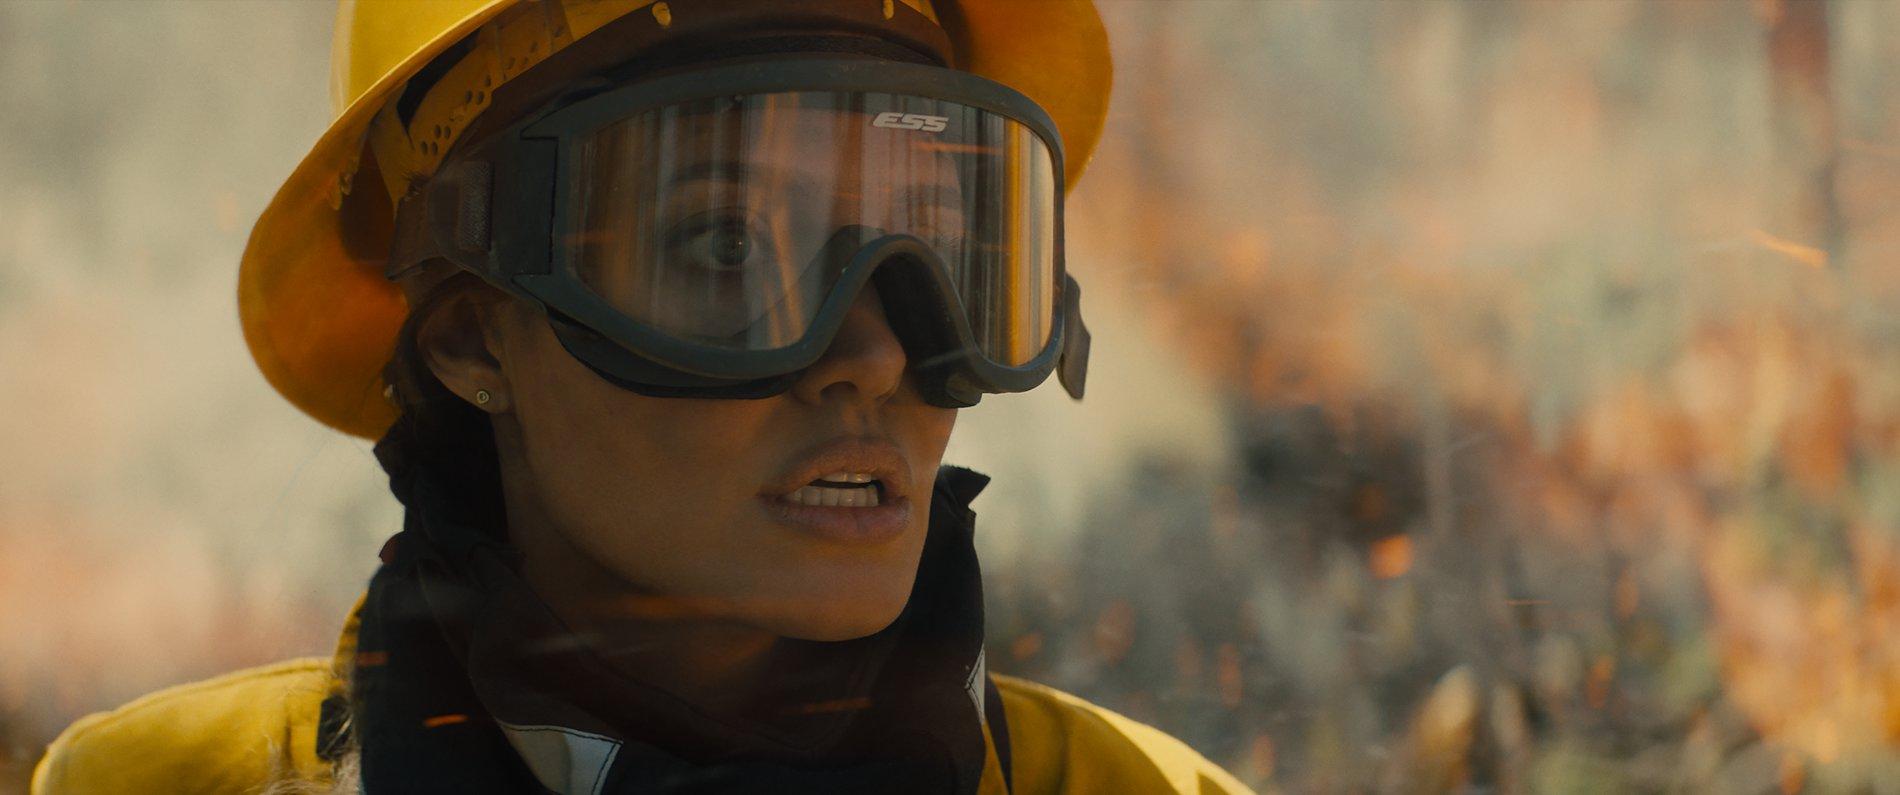 《那些要我死的人》安潔莉娜裘莉演空降消防員「每天300個伏地挺身」訓練 親自從6層樓高防火塔跳下